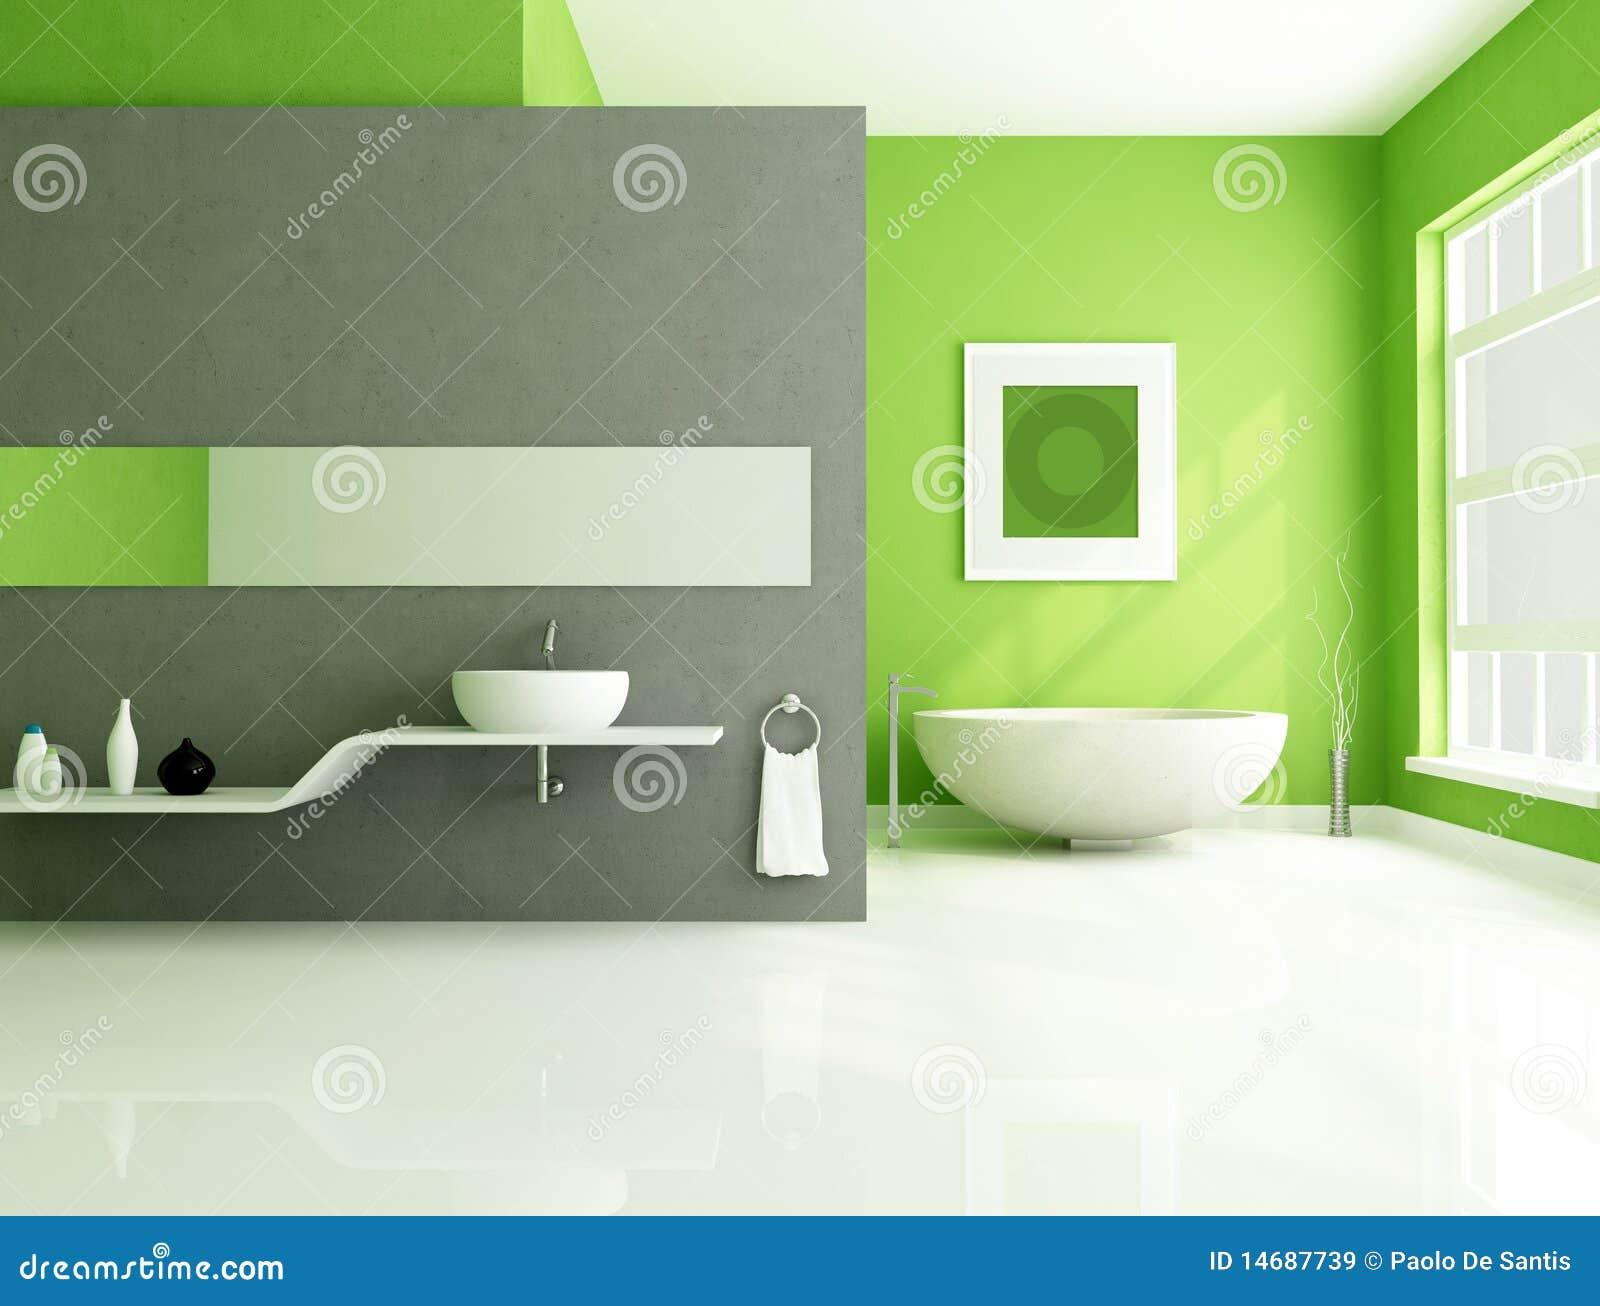 Salle de bains contemporaine verte et grise illustration stock image 14687739 for Salle de bain contemporaine blanc